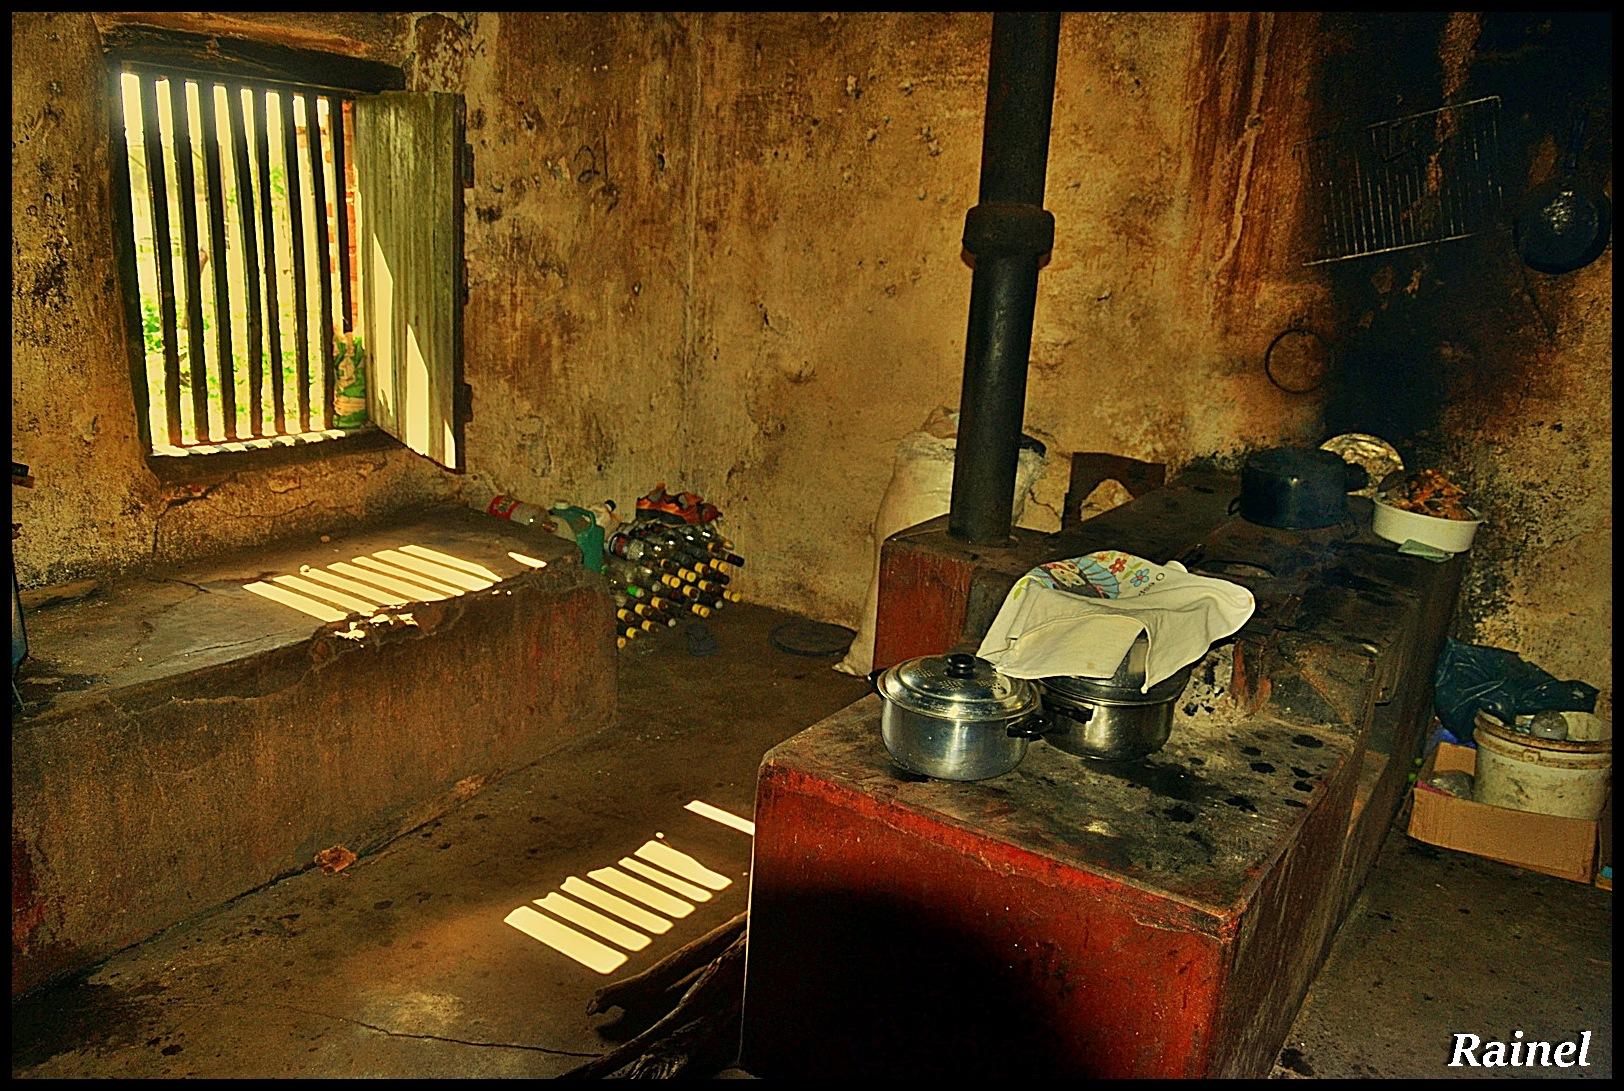 Cozinha sertaneja  by Rainel Dantas de Fontes